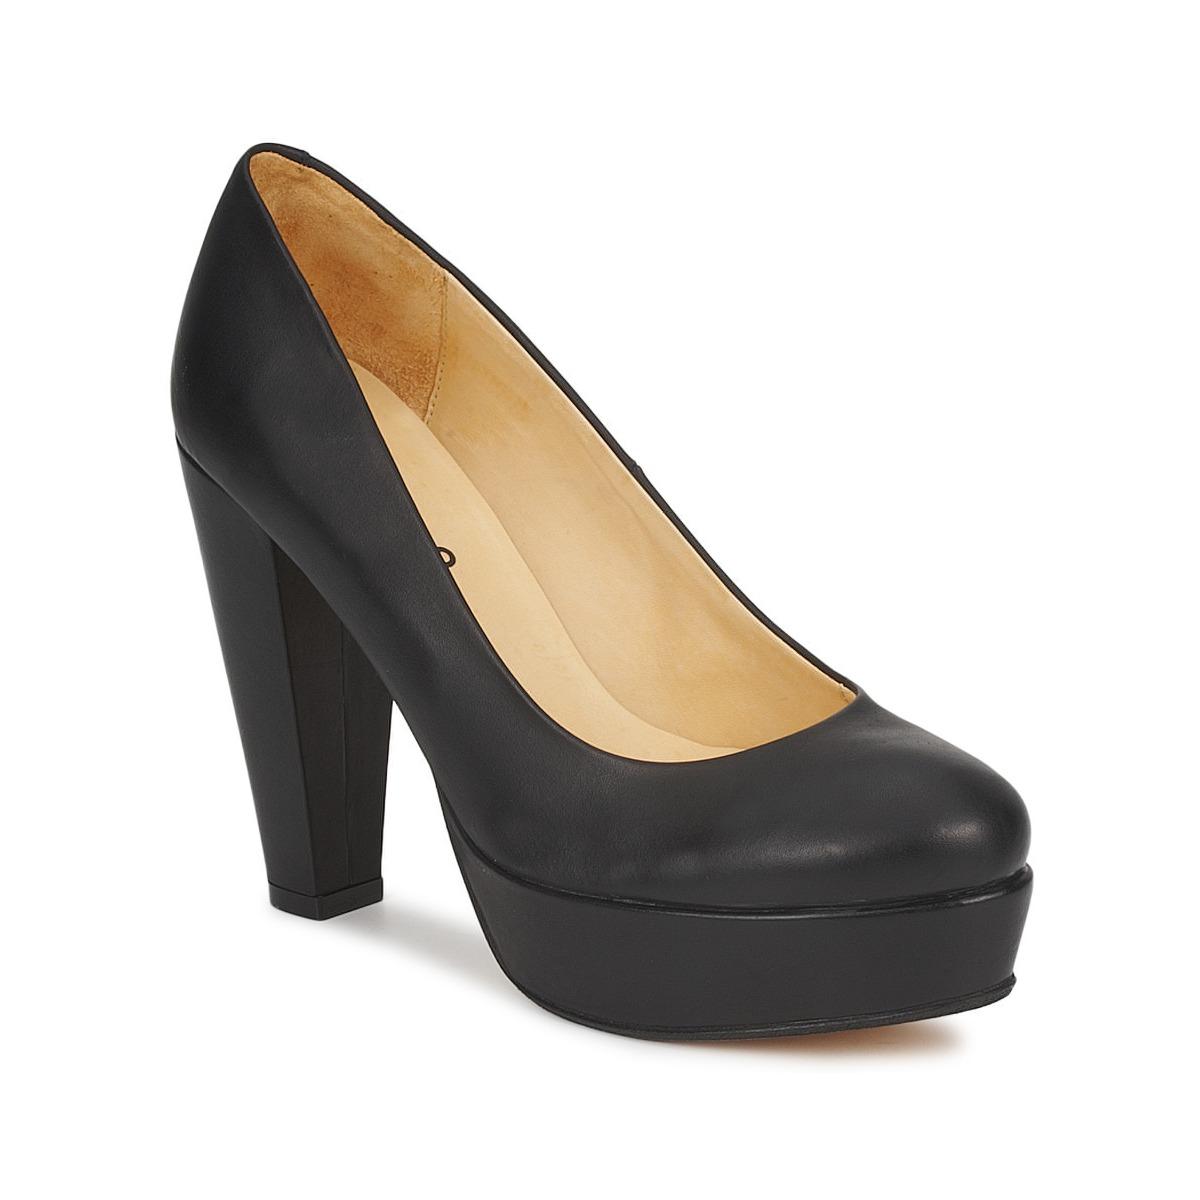 Arquivo: Sapatos pretos salto alto com compensado novos